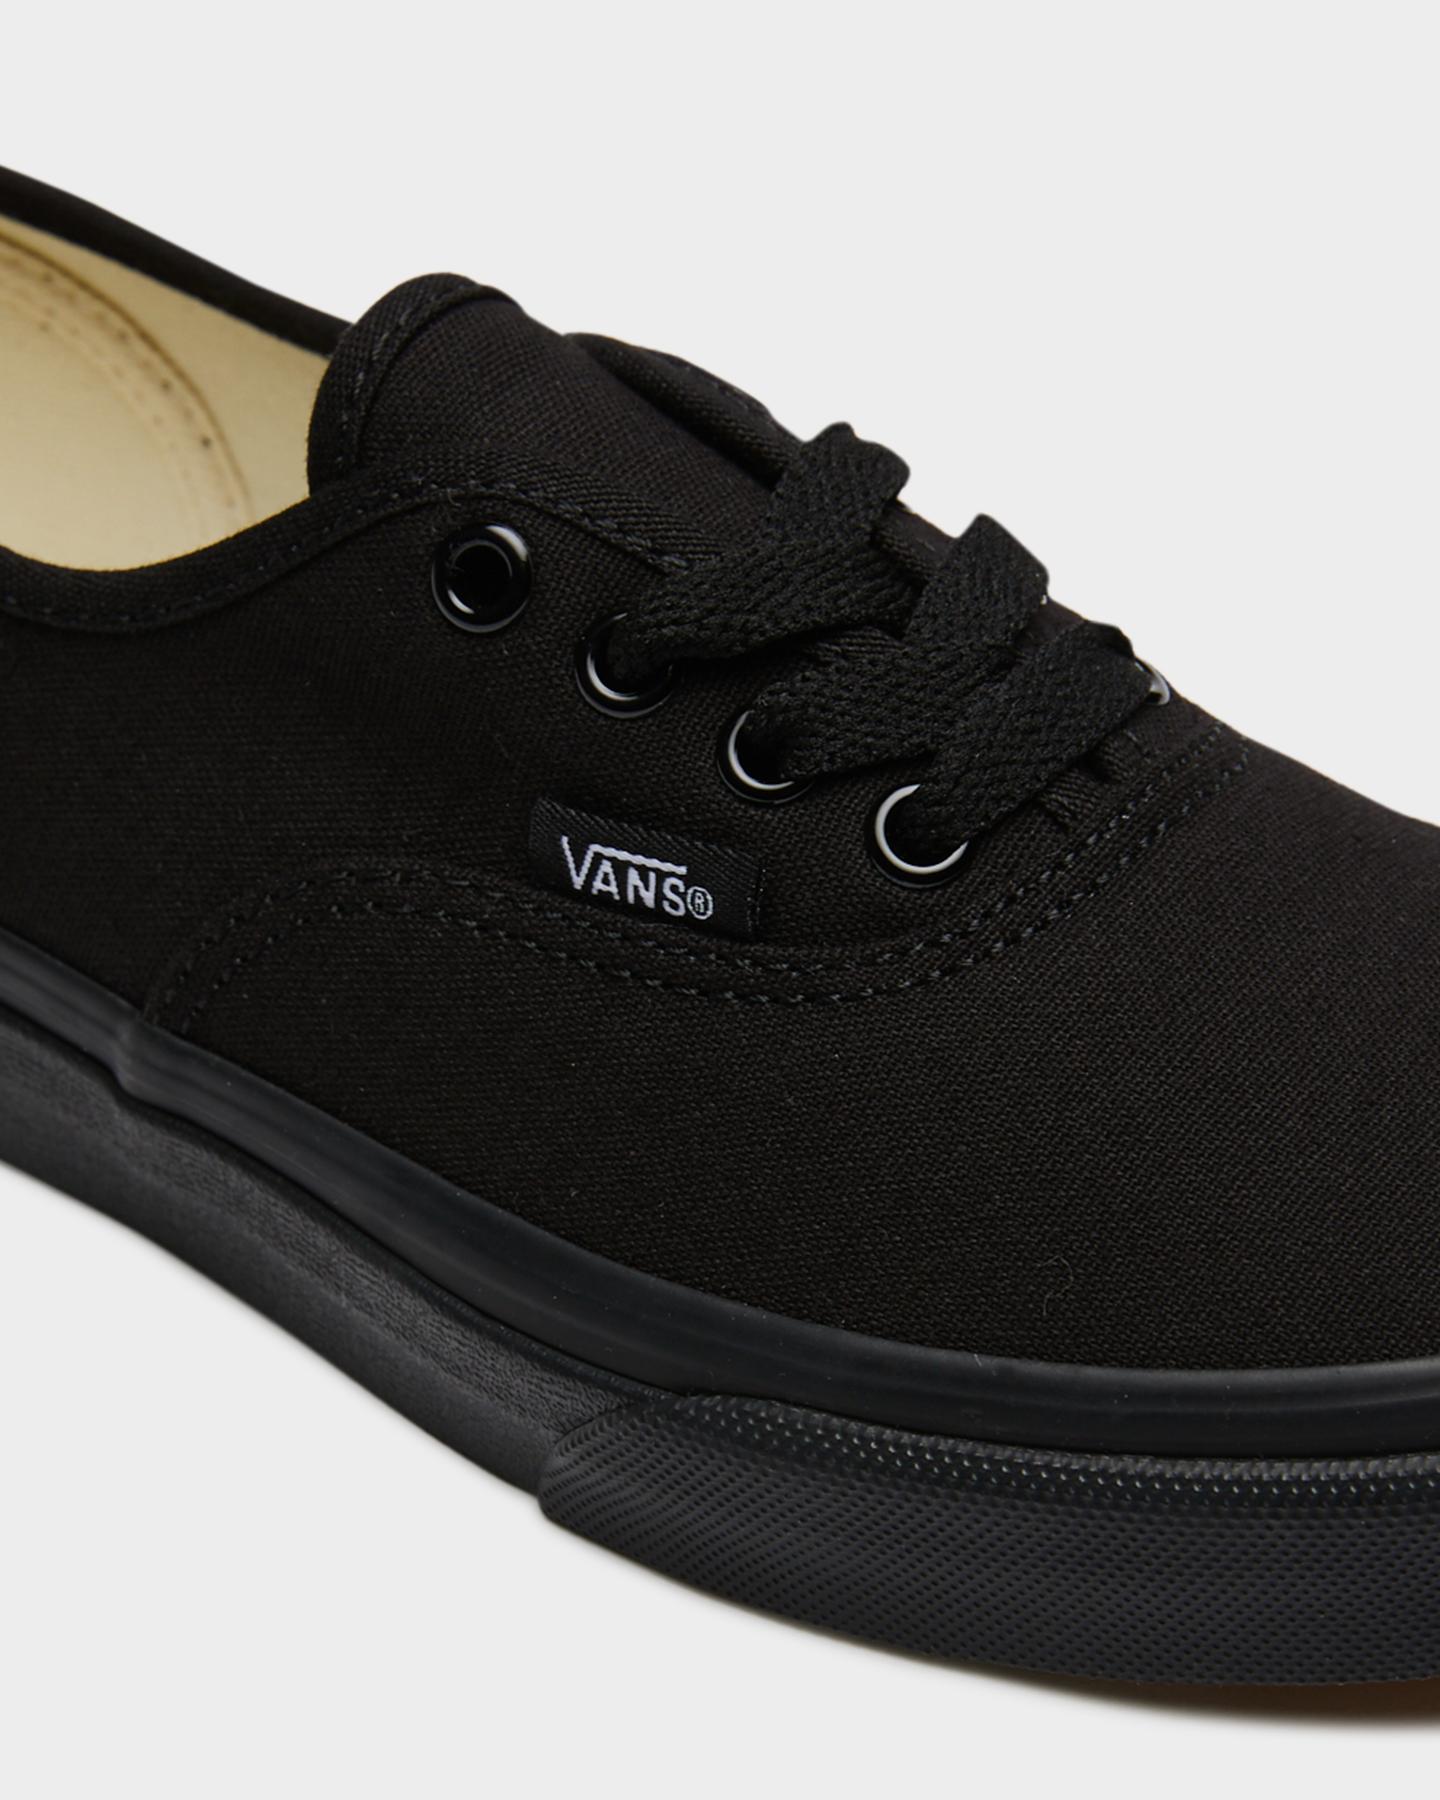 NEW-Vans-Shoes-Boys-Kids-Authentic-Shoe-Rubber-Soft-Children-Black-Footwear thumbnail 4